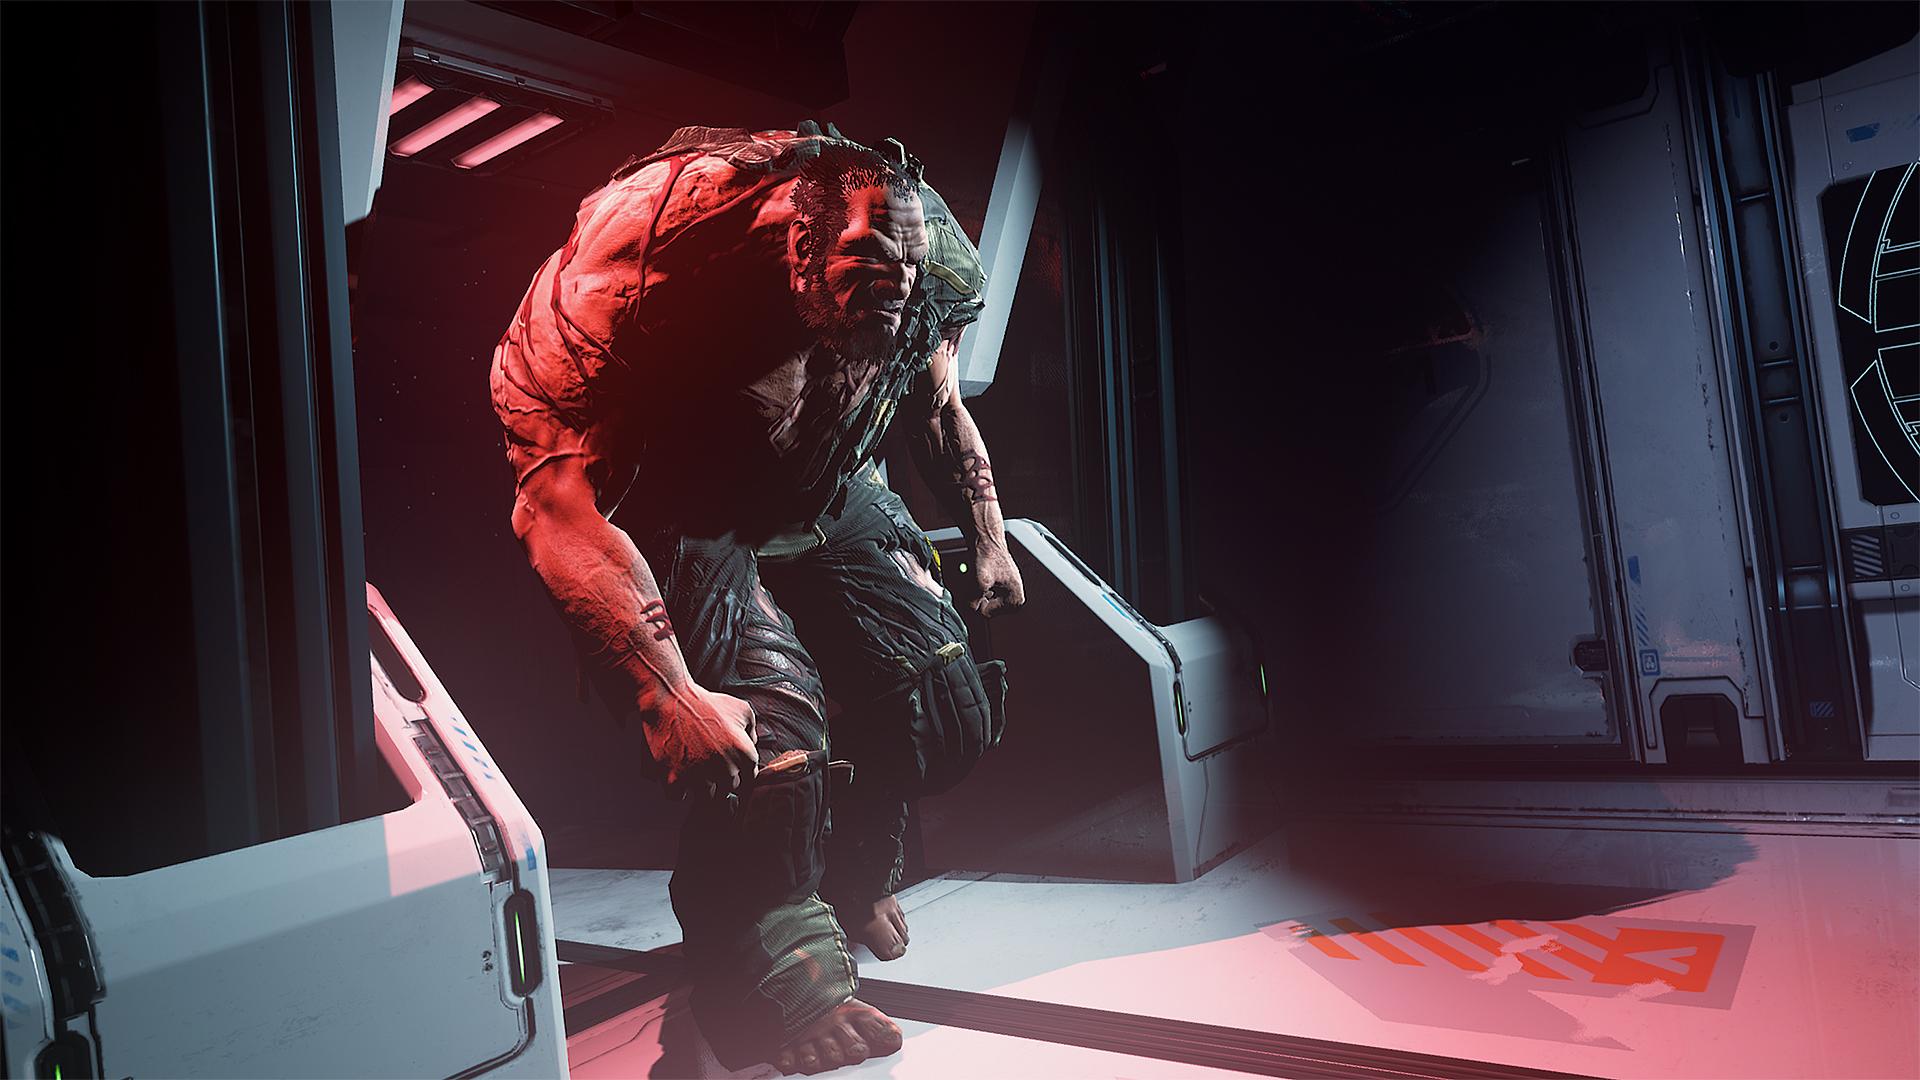 恐怖生存遊戲《Persistence》新更新 加入四個新模式